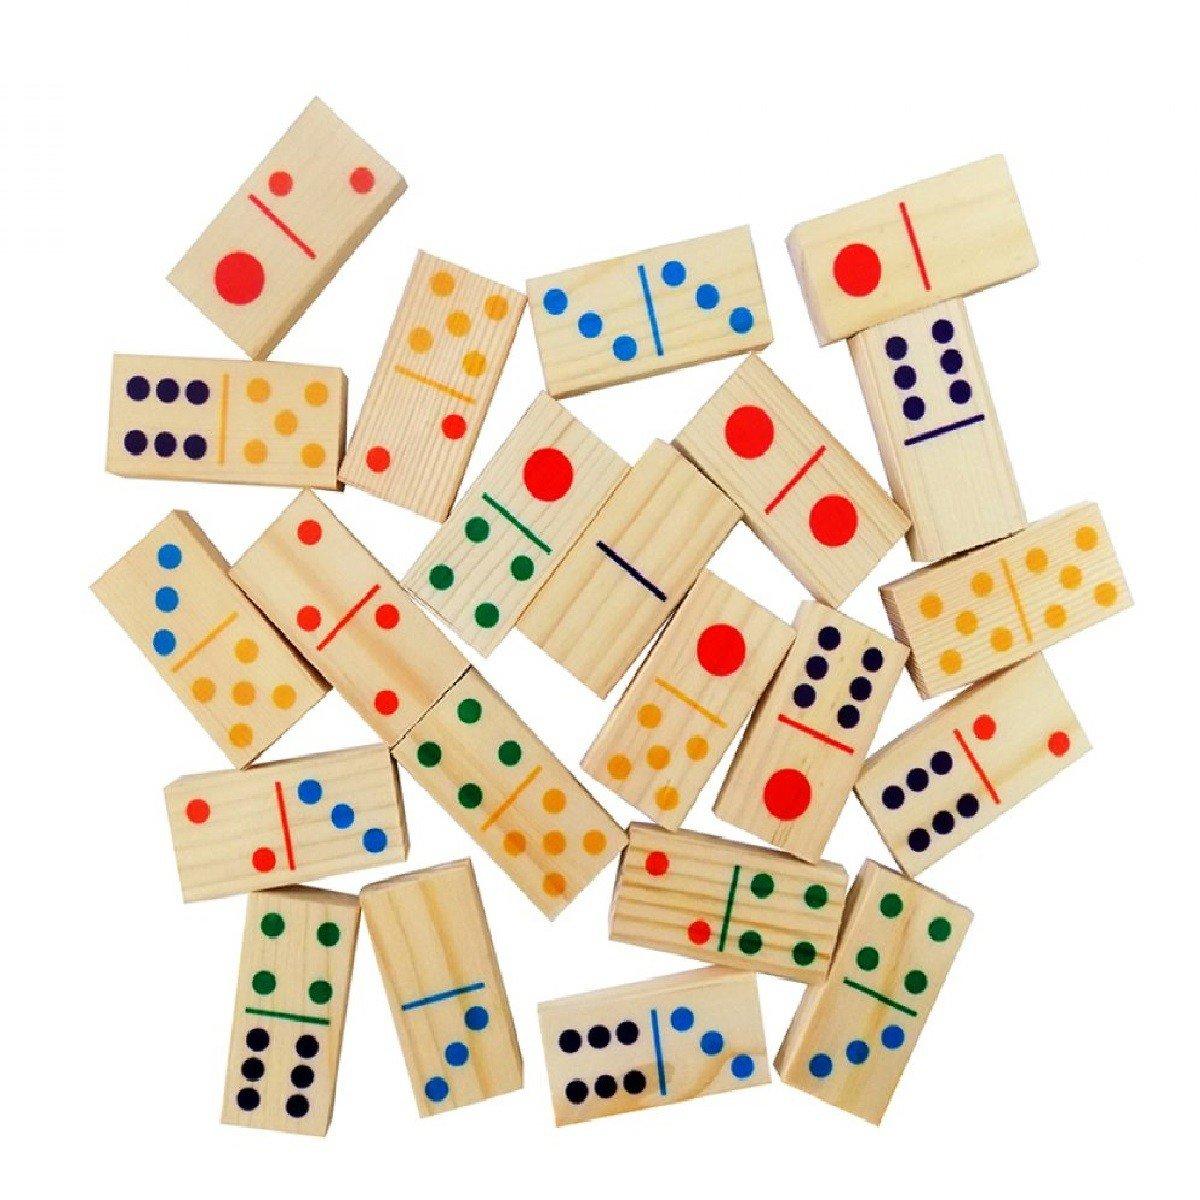 Hướng dẫn cách chơi cờ Domino chi tiết